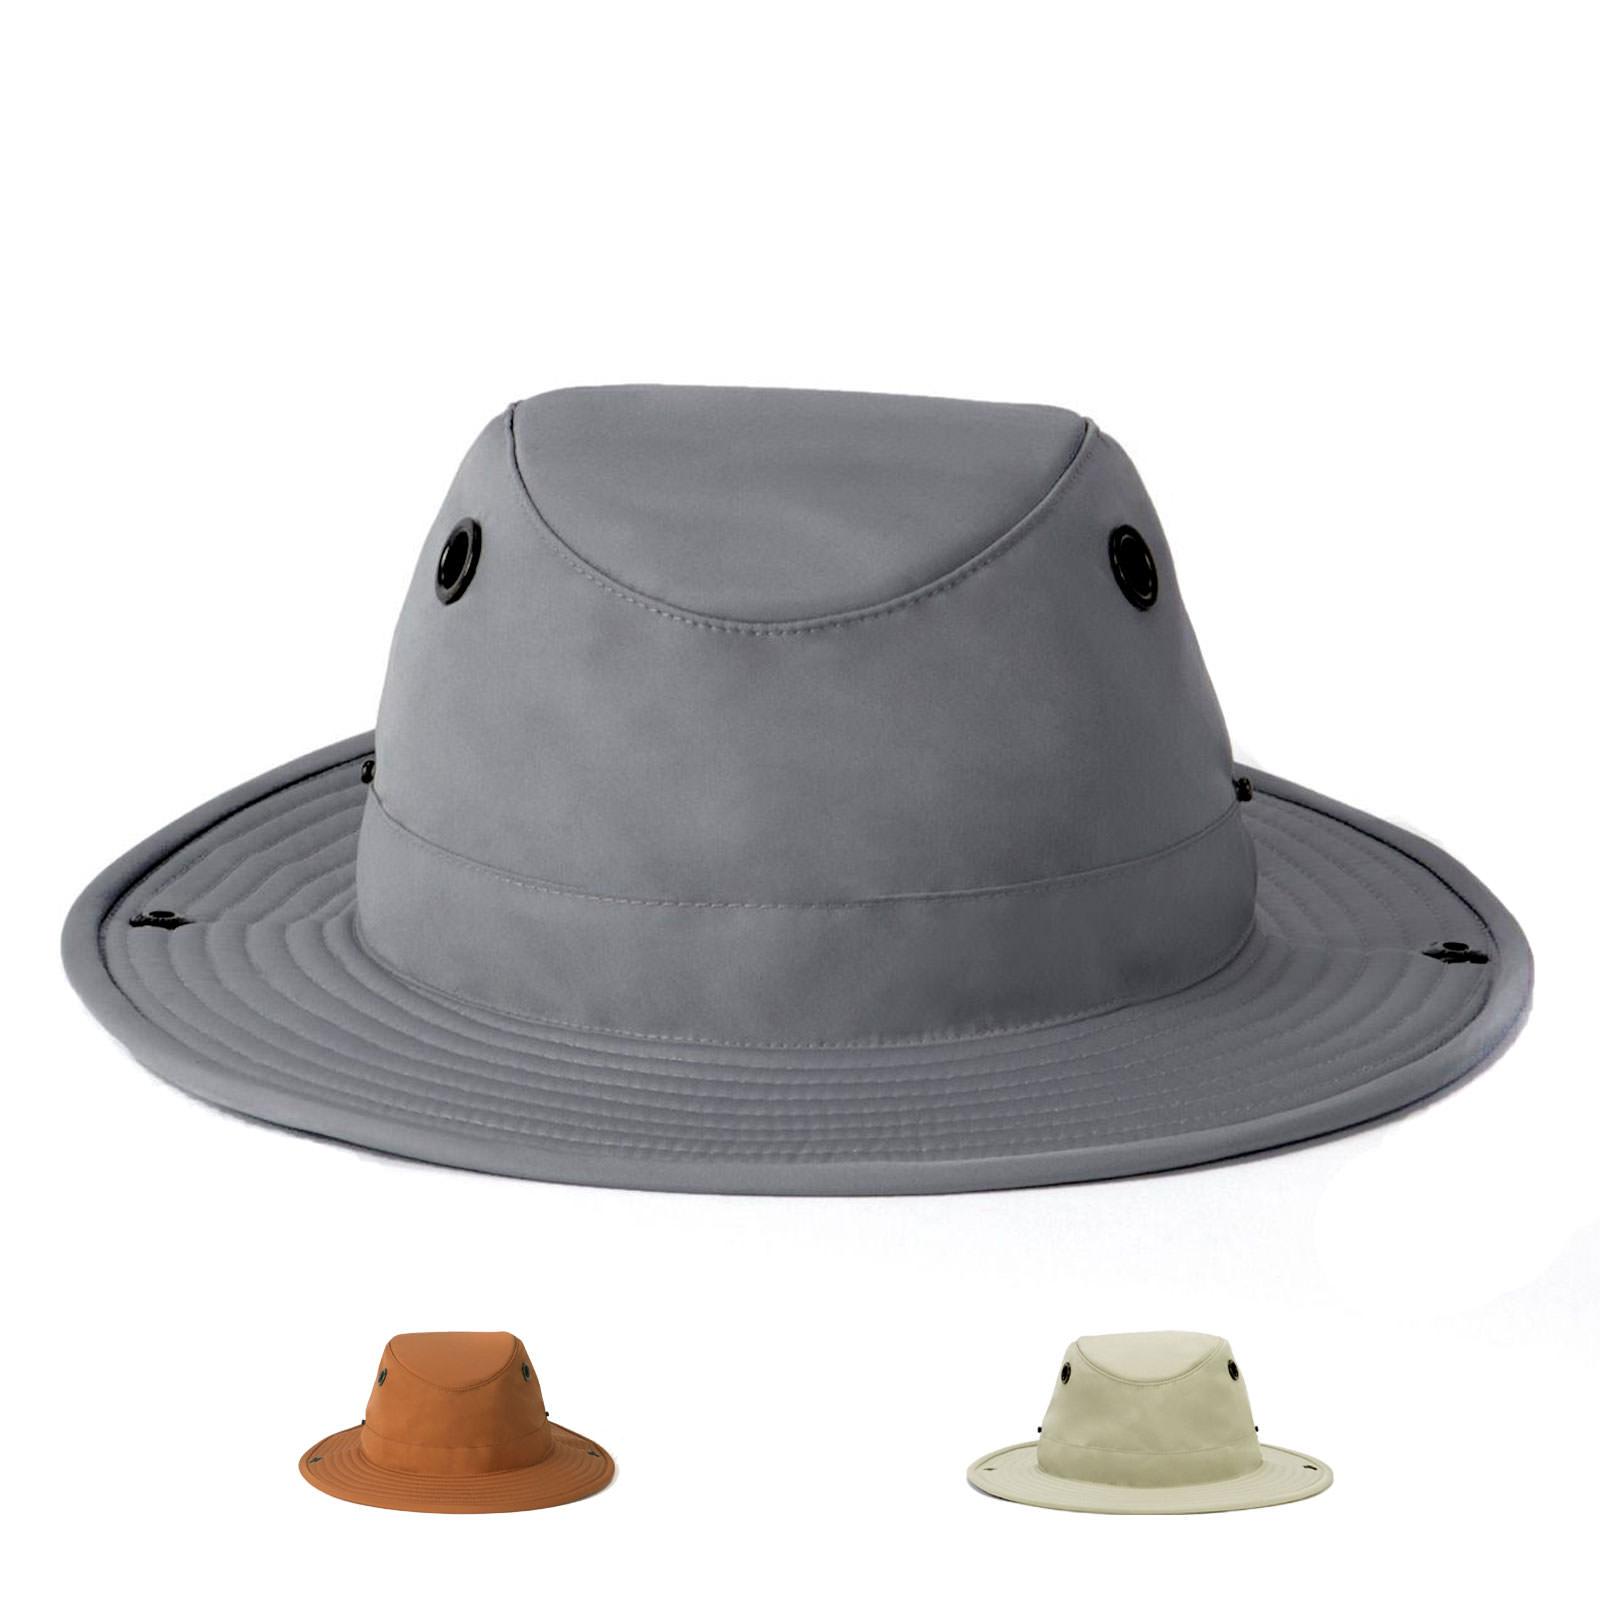 6cd3b0b1e Tilley's Paddler's Hat - AvidMax